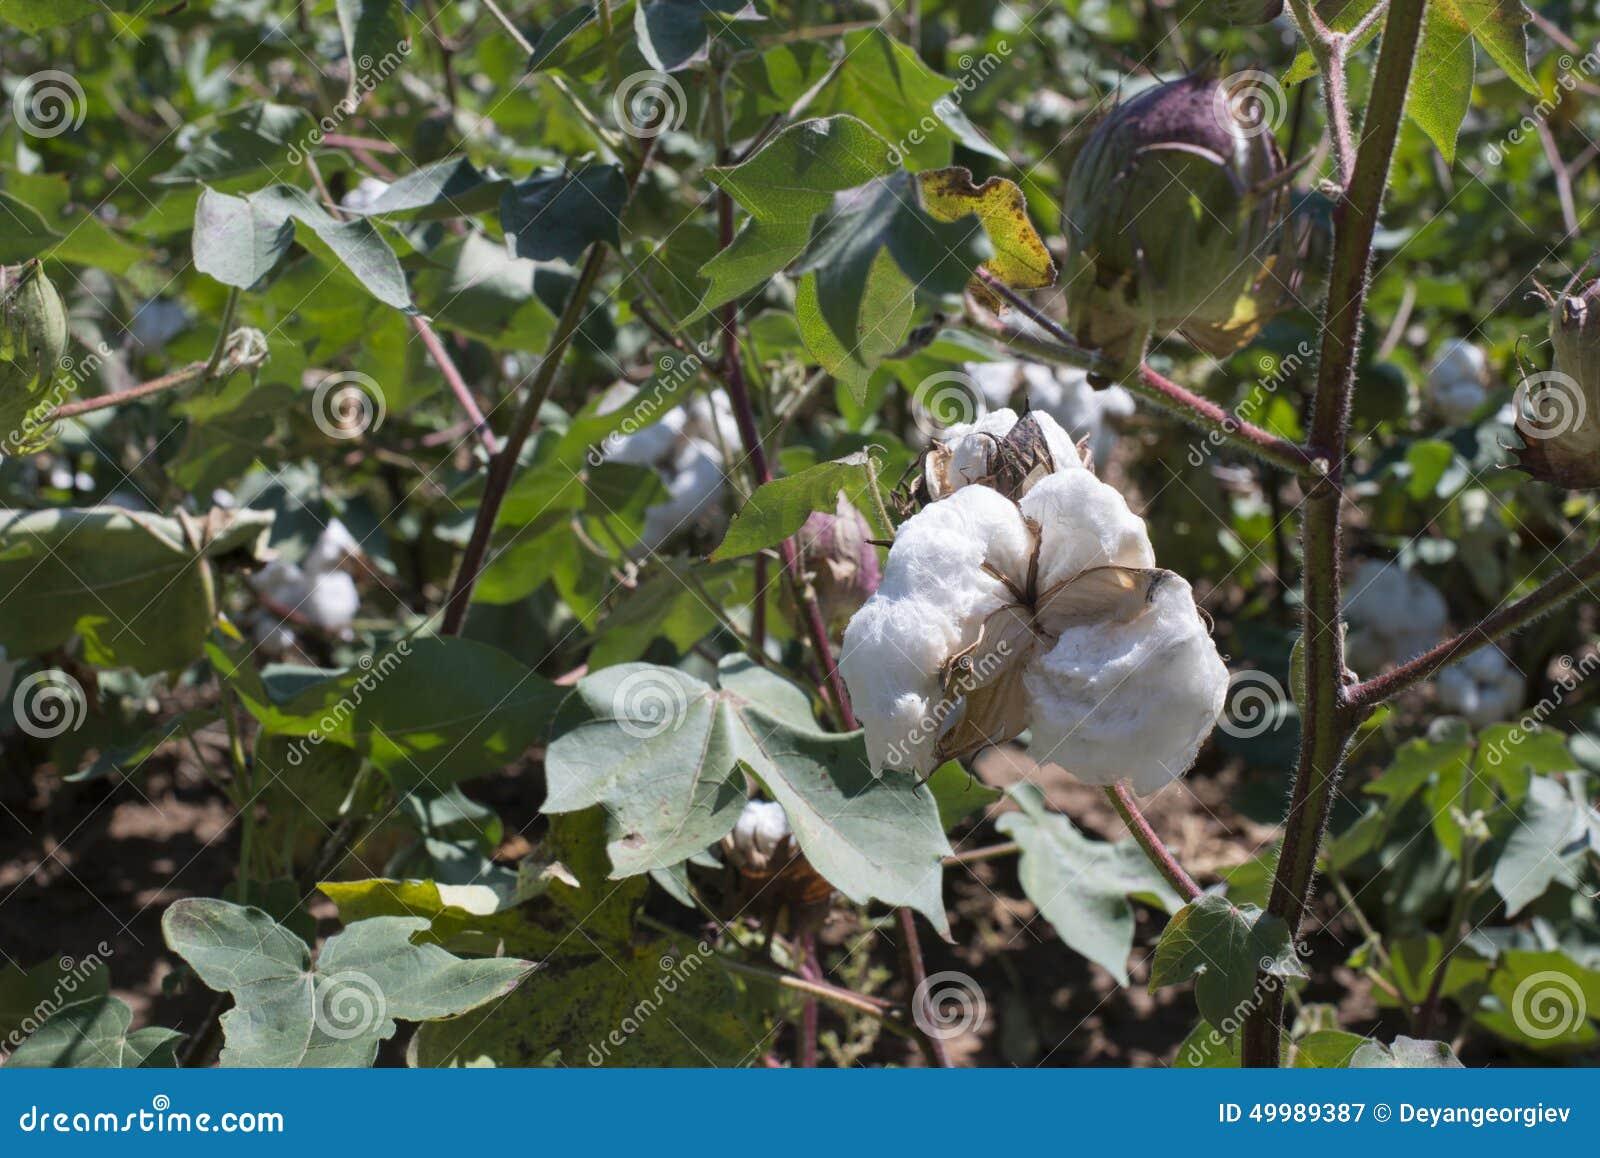 Fine della pianta di cotone su immagine stock immagine for Pianta della foresta di pioppo